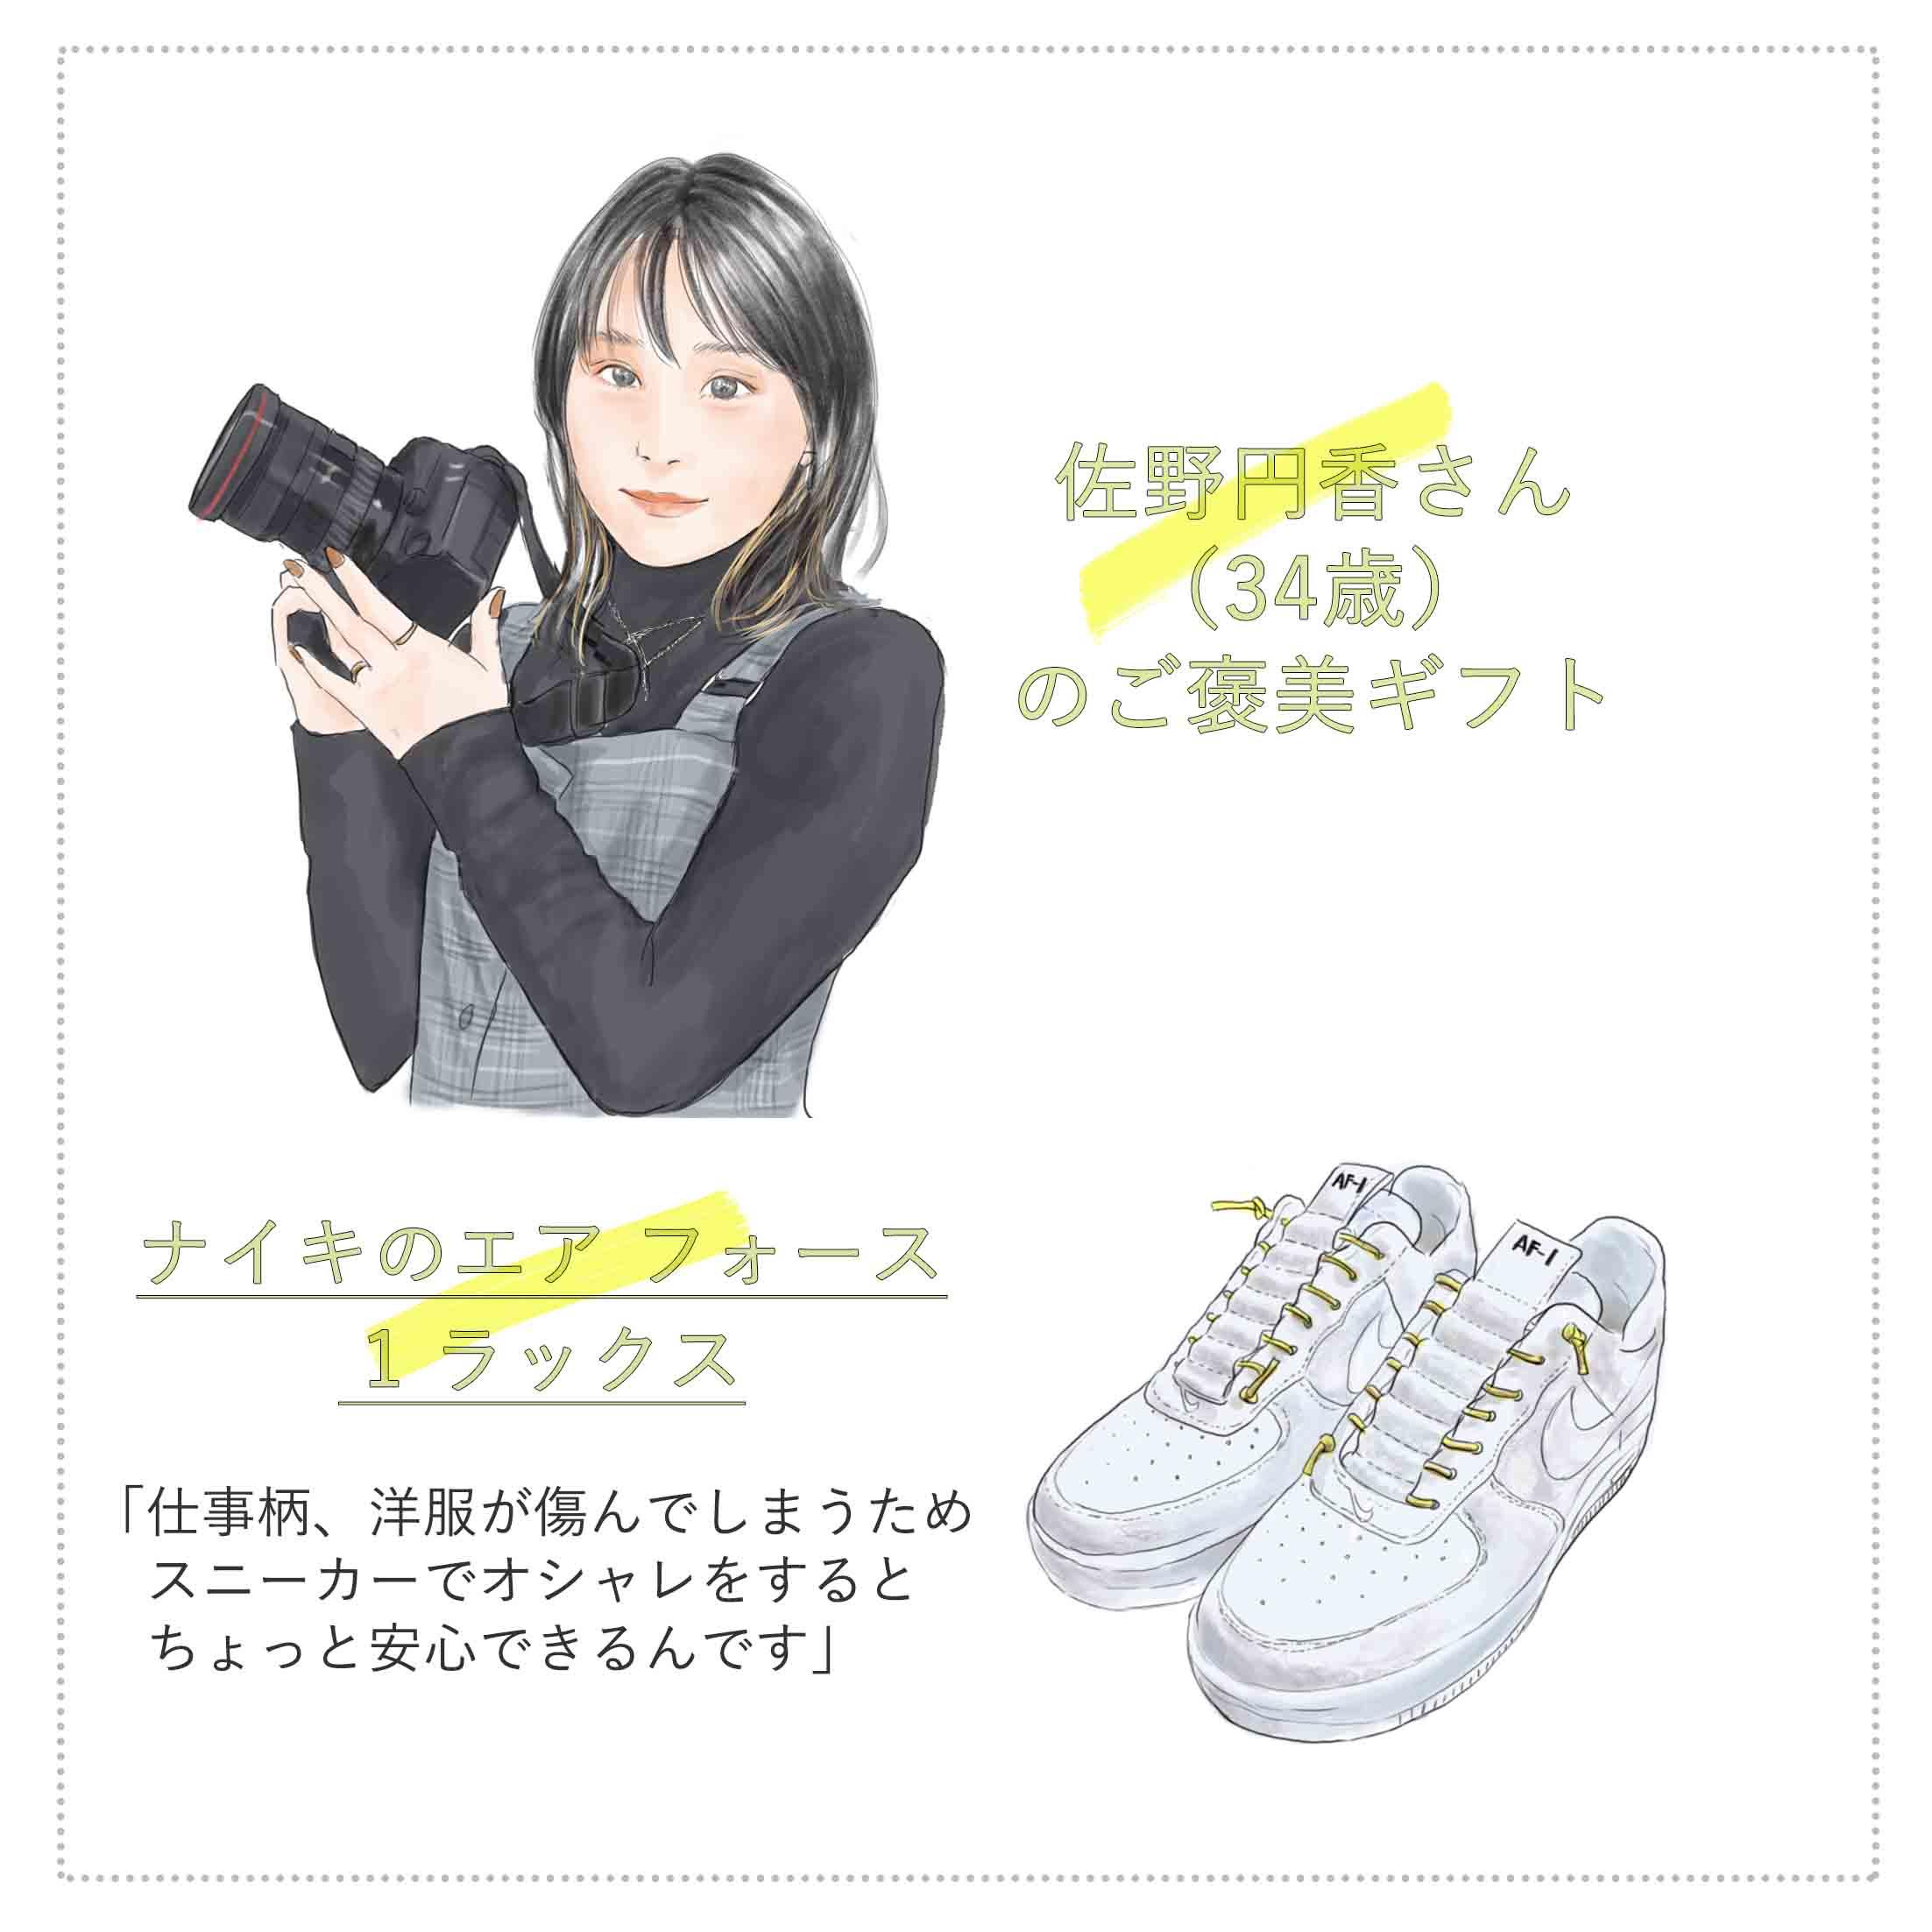 フォトグラファーとしてグラビア撮影などで活躍されている佐野円香さん(34歳)